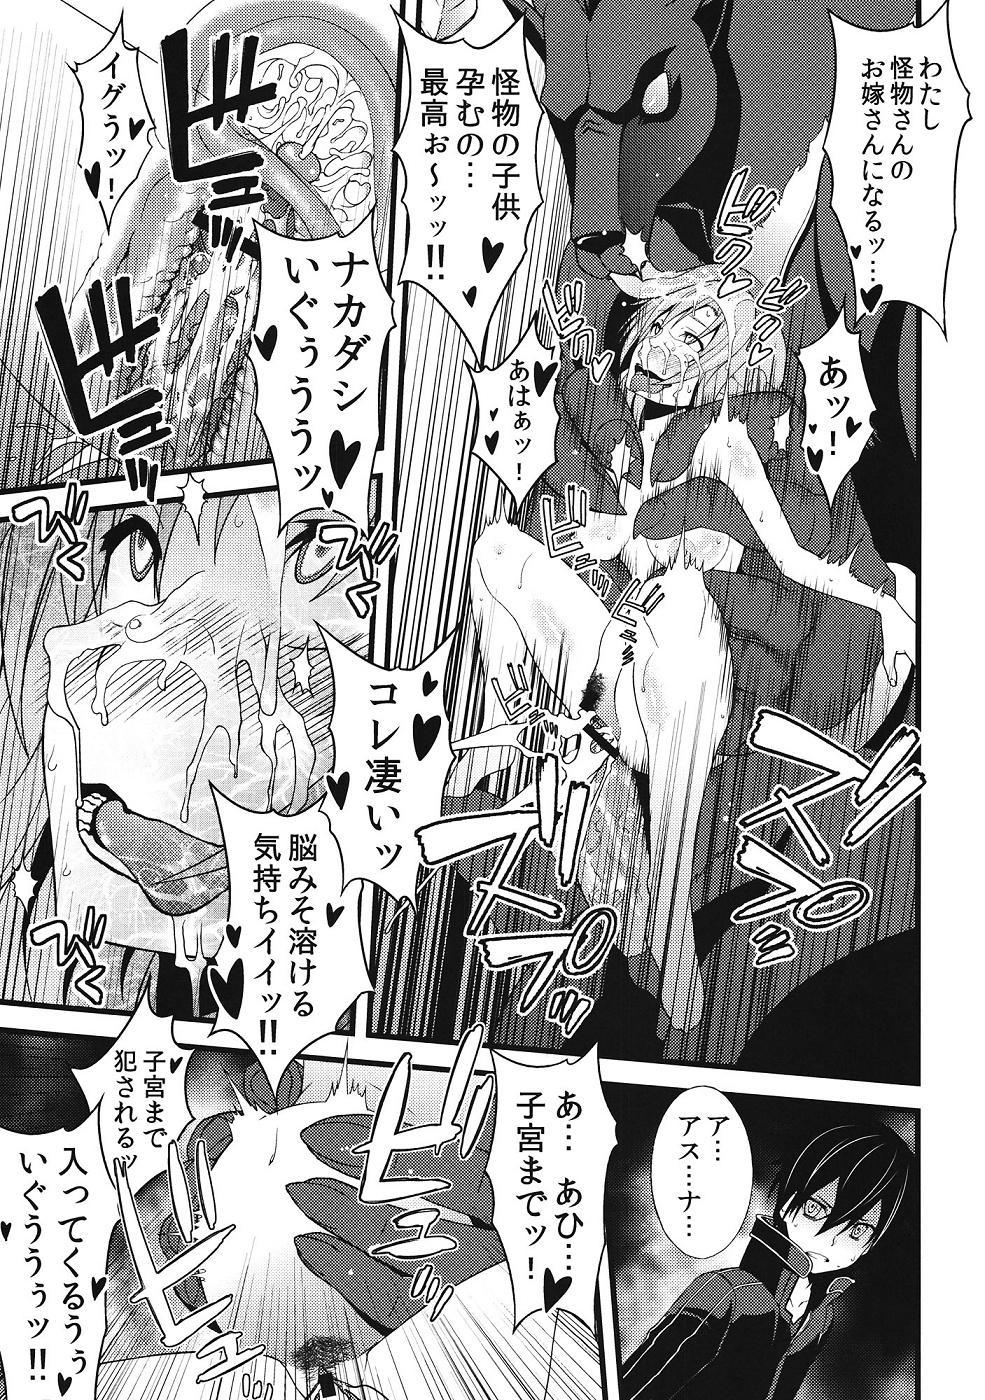 S.A.O no Shin Patch de Seikou Ninshin Shussan ga Kanou ni Natte Yabai...! Asuna NTR hen 21